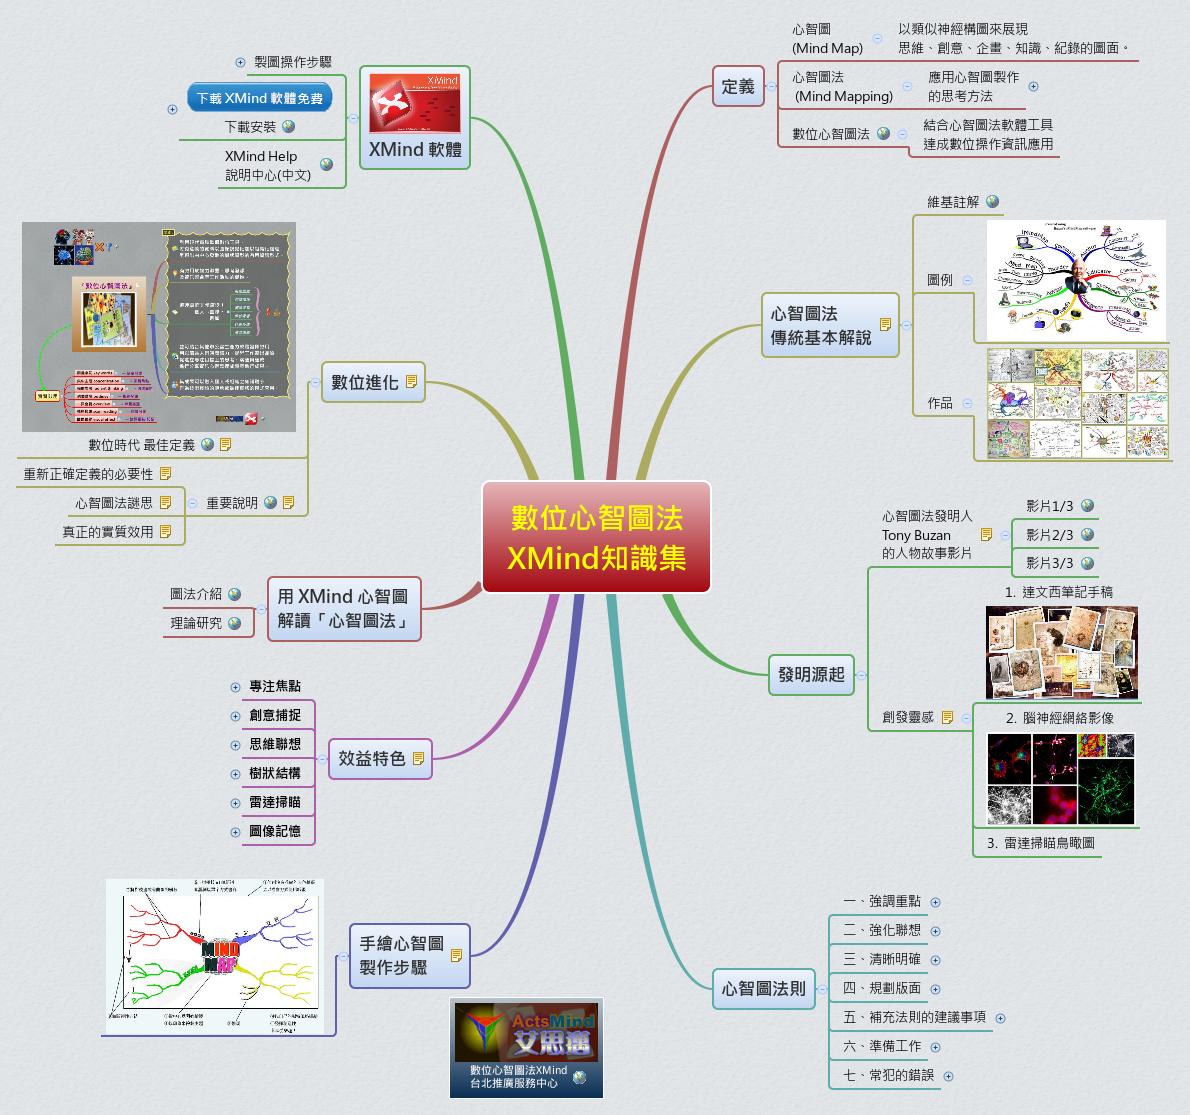 數位心智圖法 XMind知識集